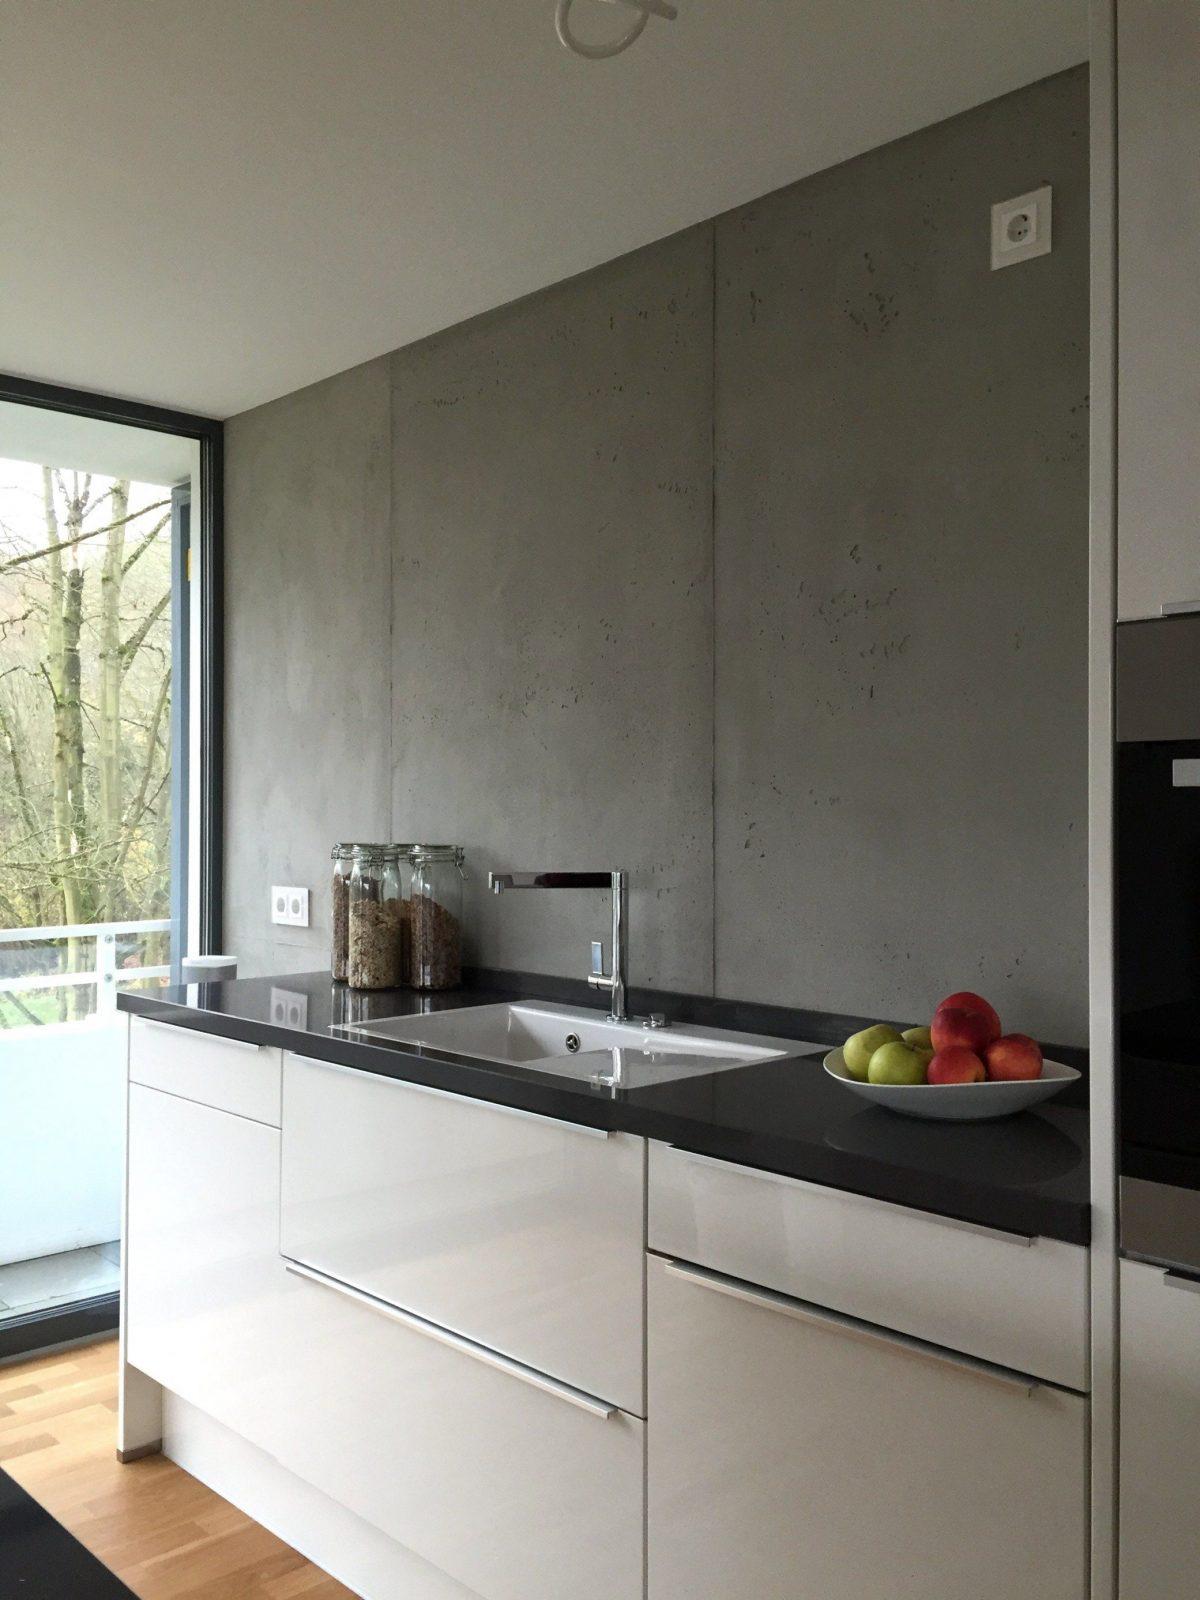 Abwaschbare Farbe Statt Fliesen Küche Awesome Abwaschbare Wandfarbe ...